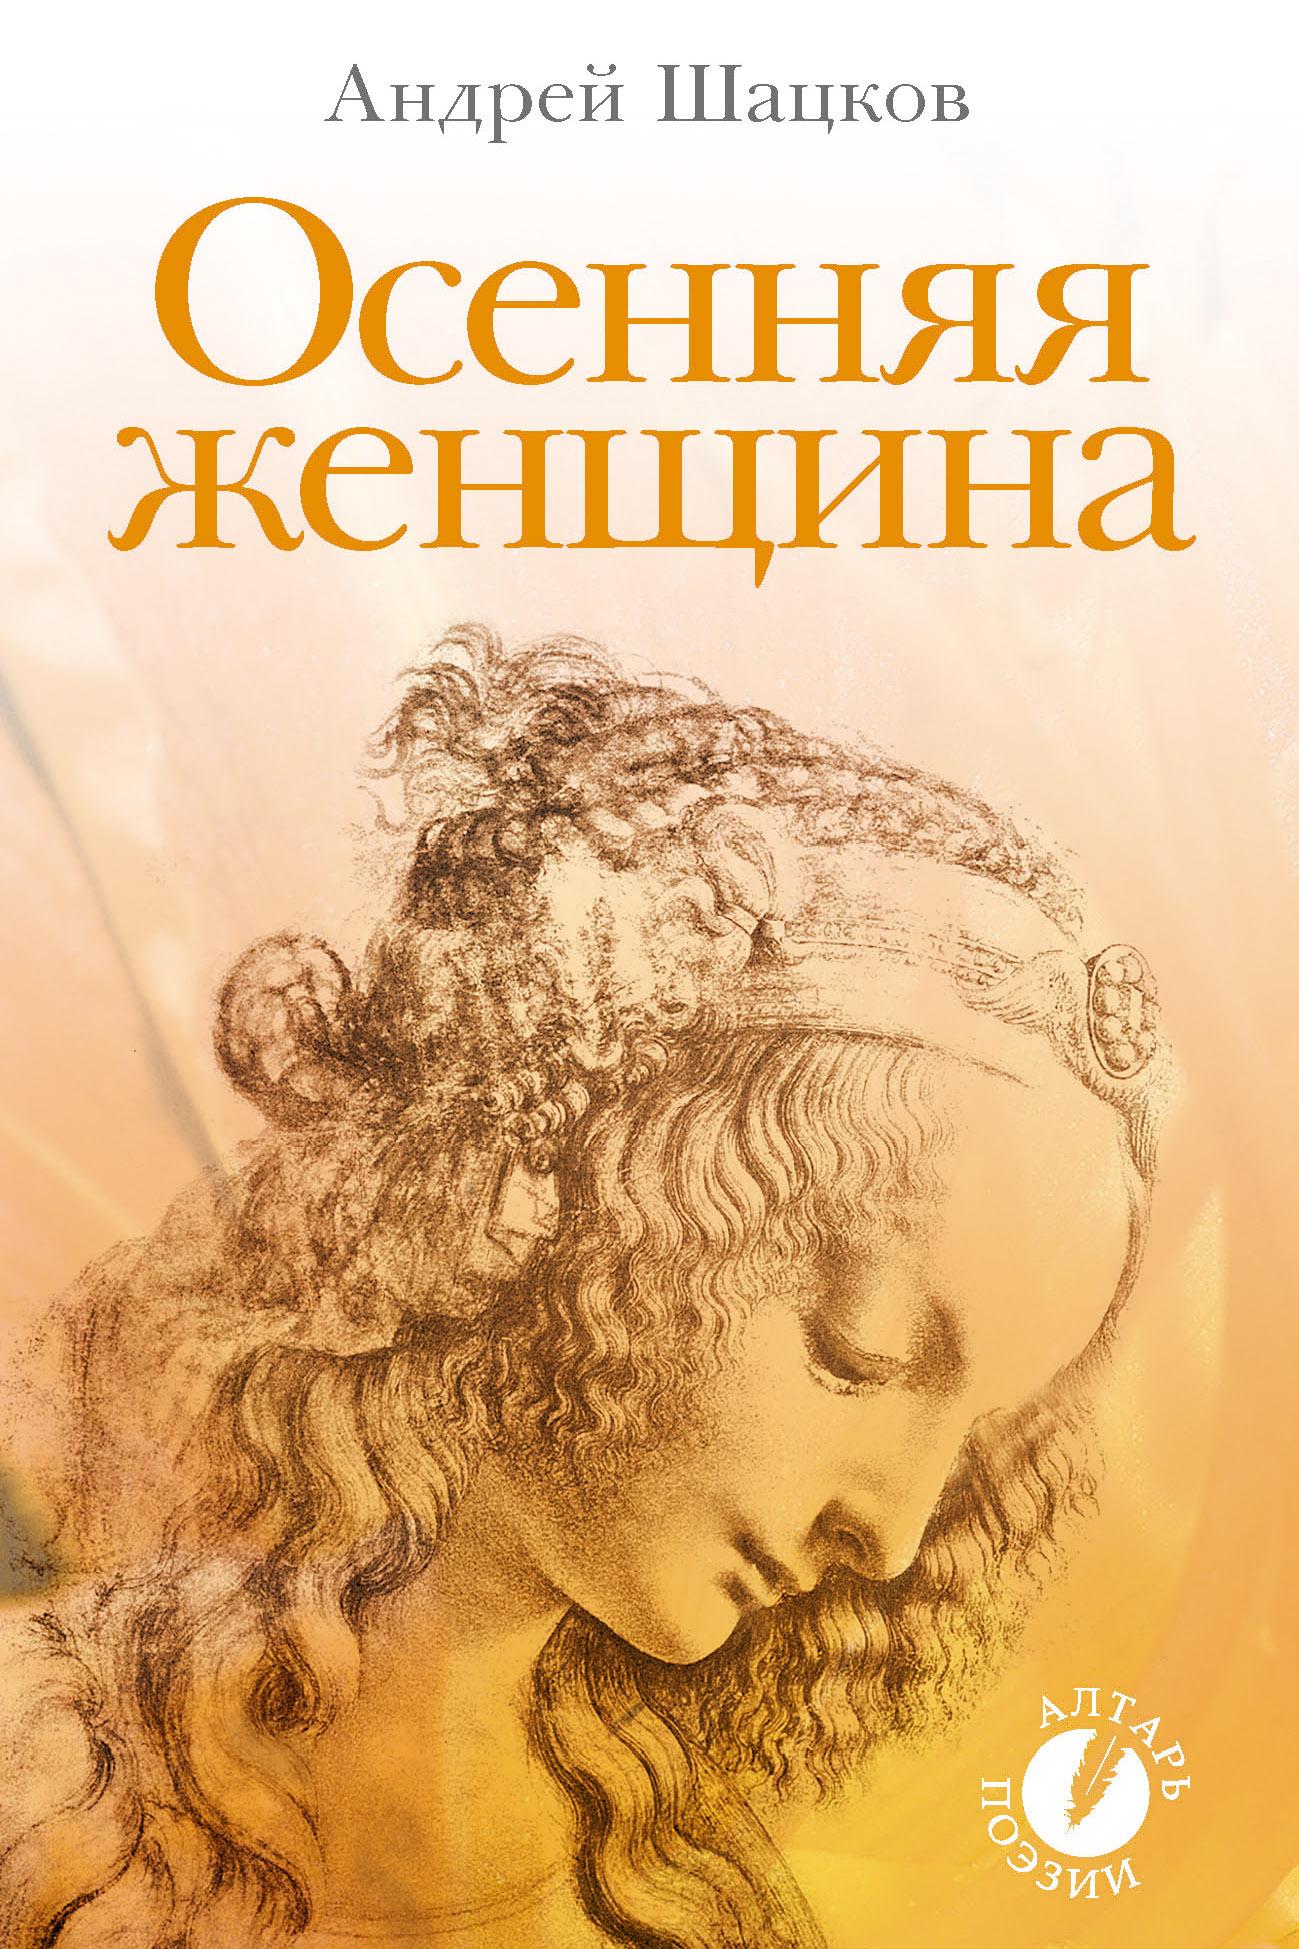 Андрей Владиславович Шацков Осенняя женщина (сборник стихотворений)